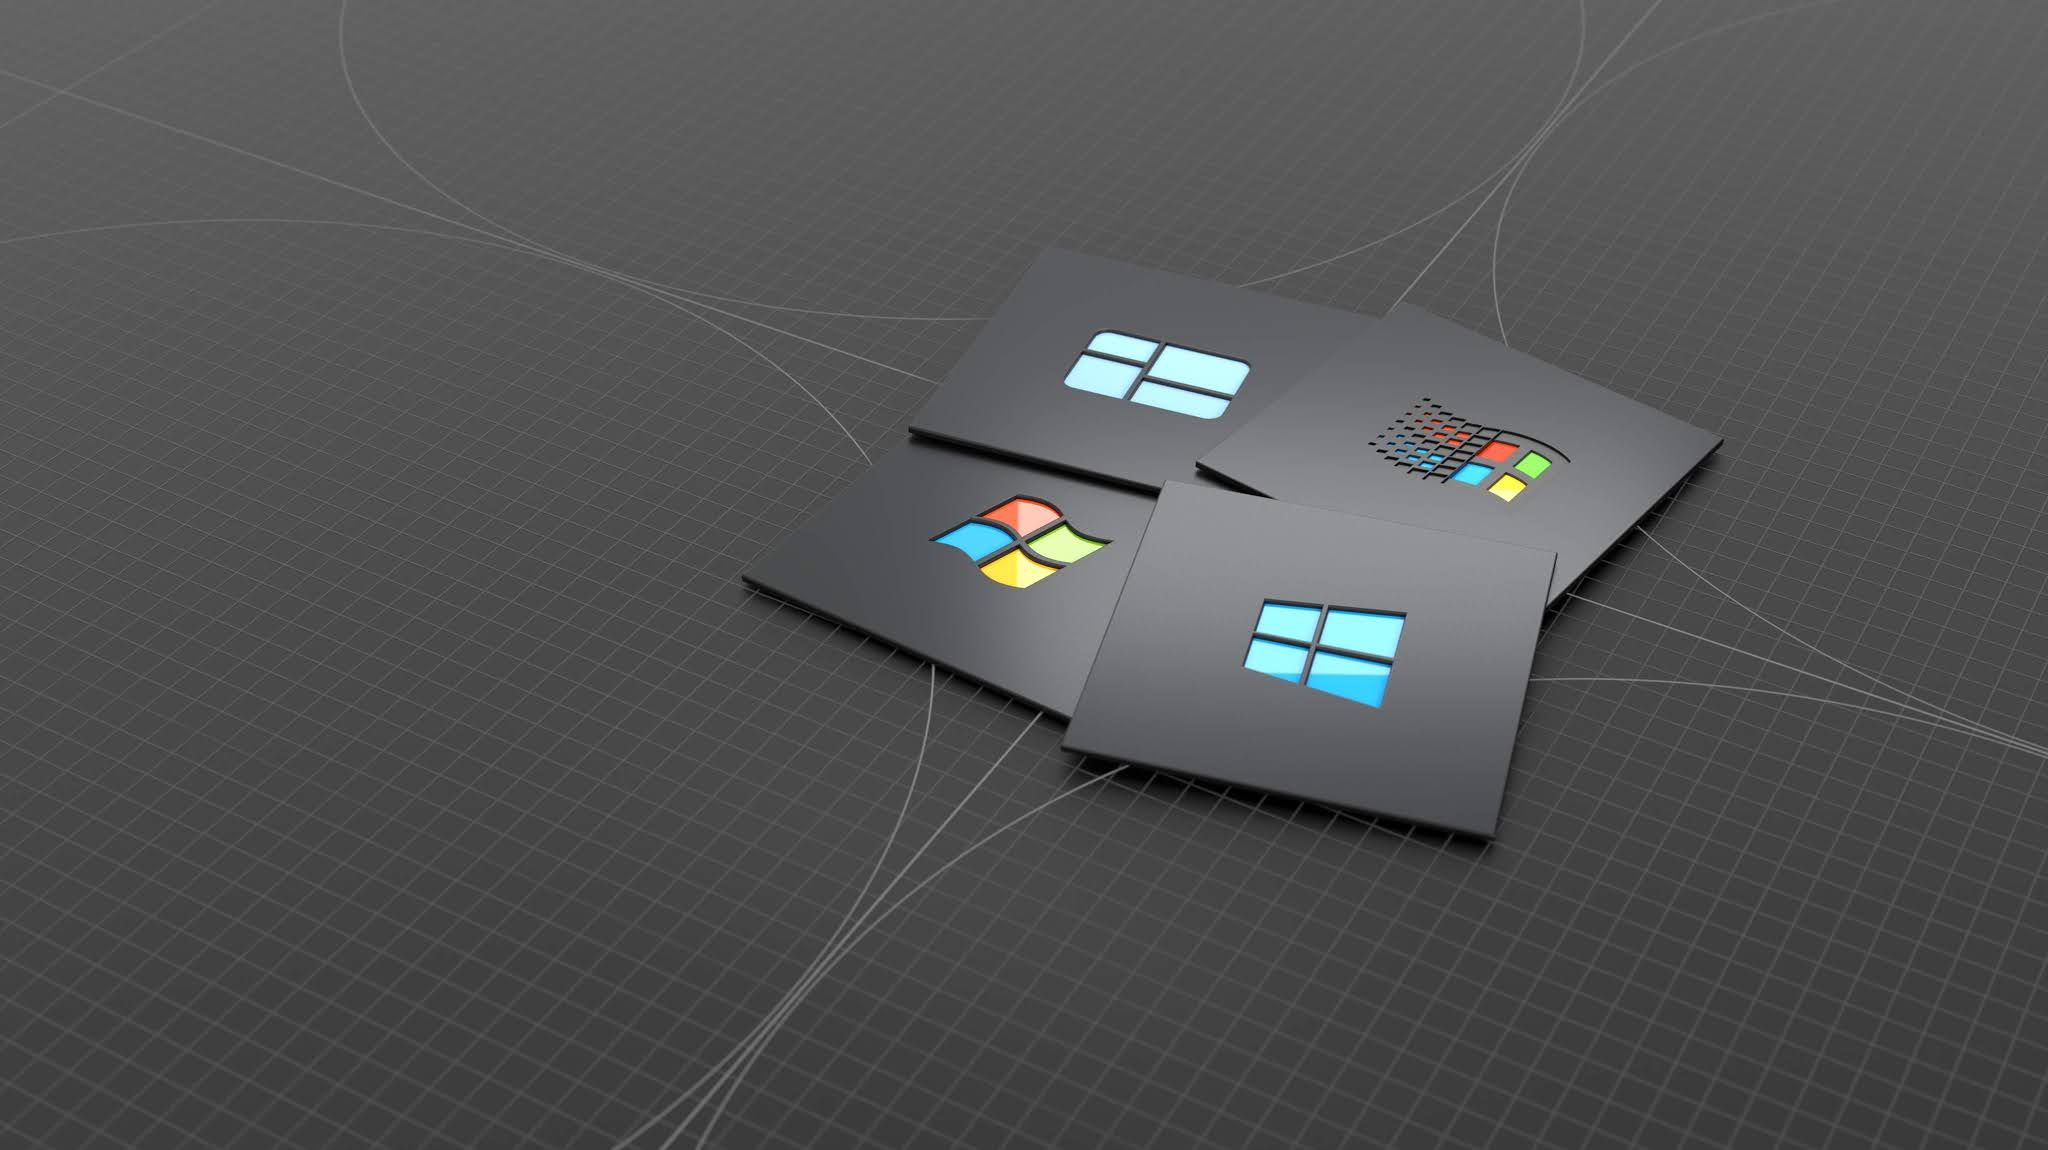 Download Wallpaper Windows 10 Terbaru